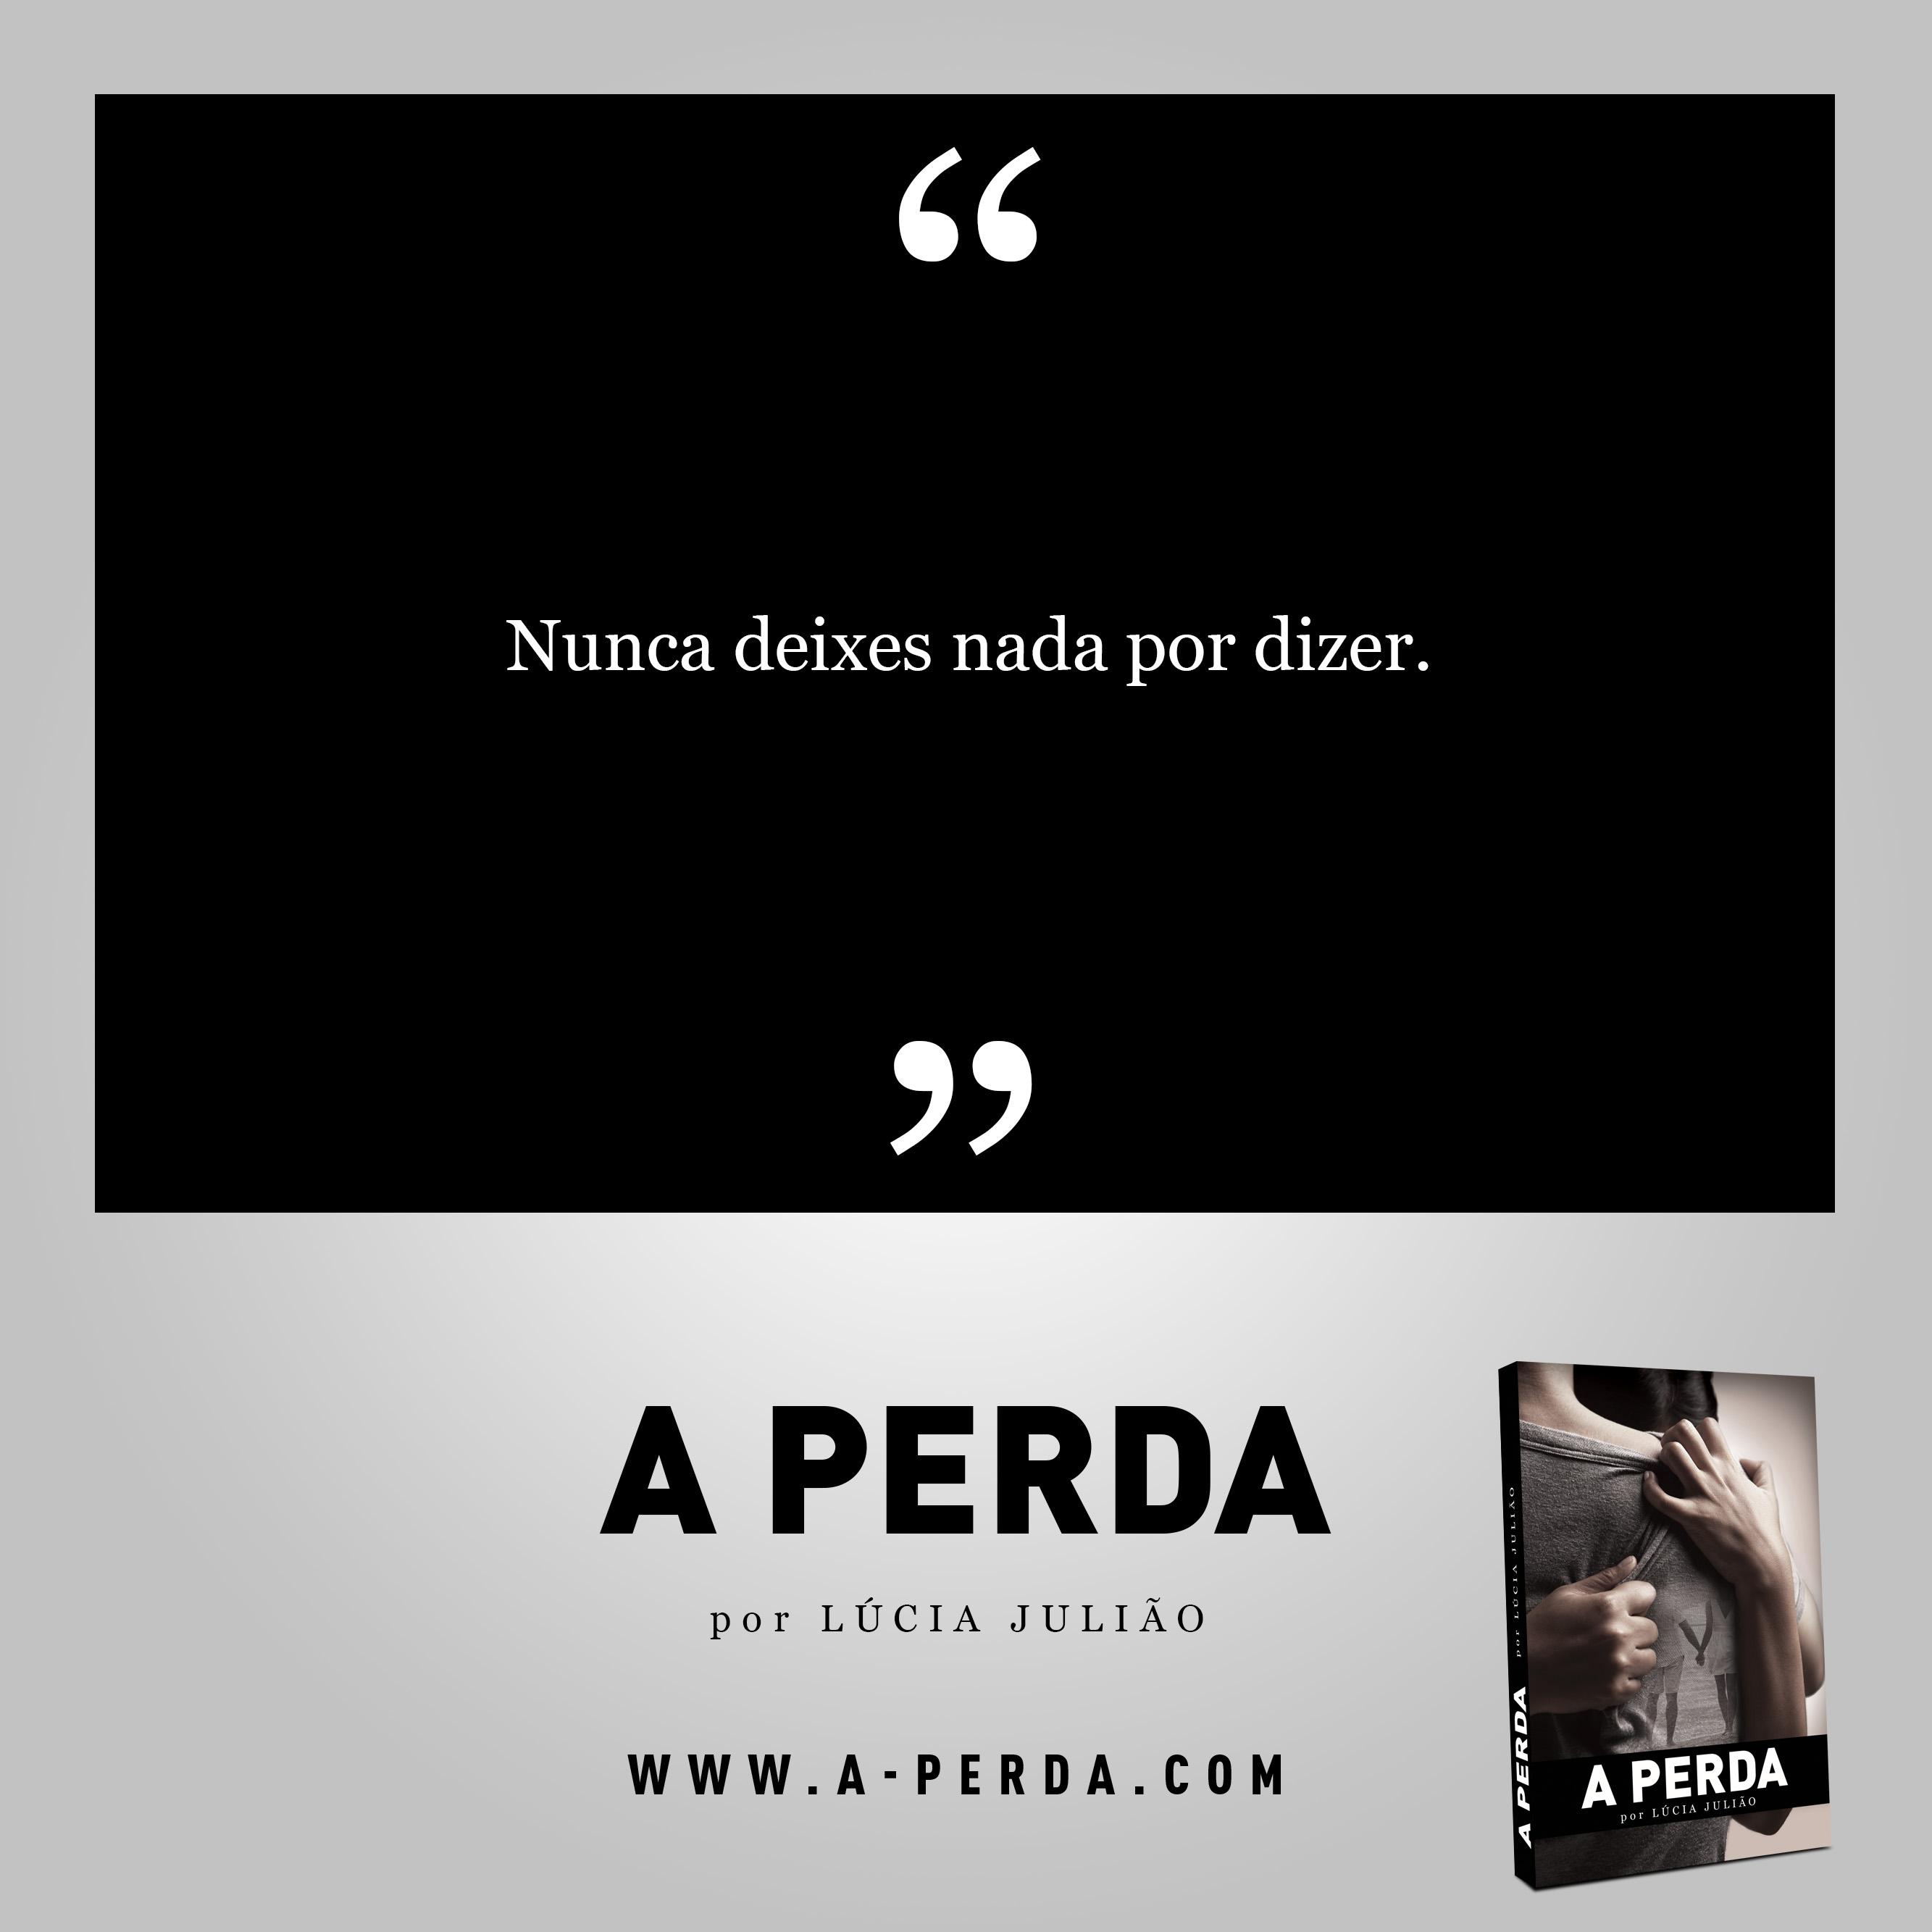 007-fim-livro-a-Perda-de-Lucia-Juliao-instagram